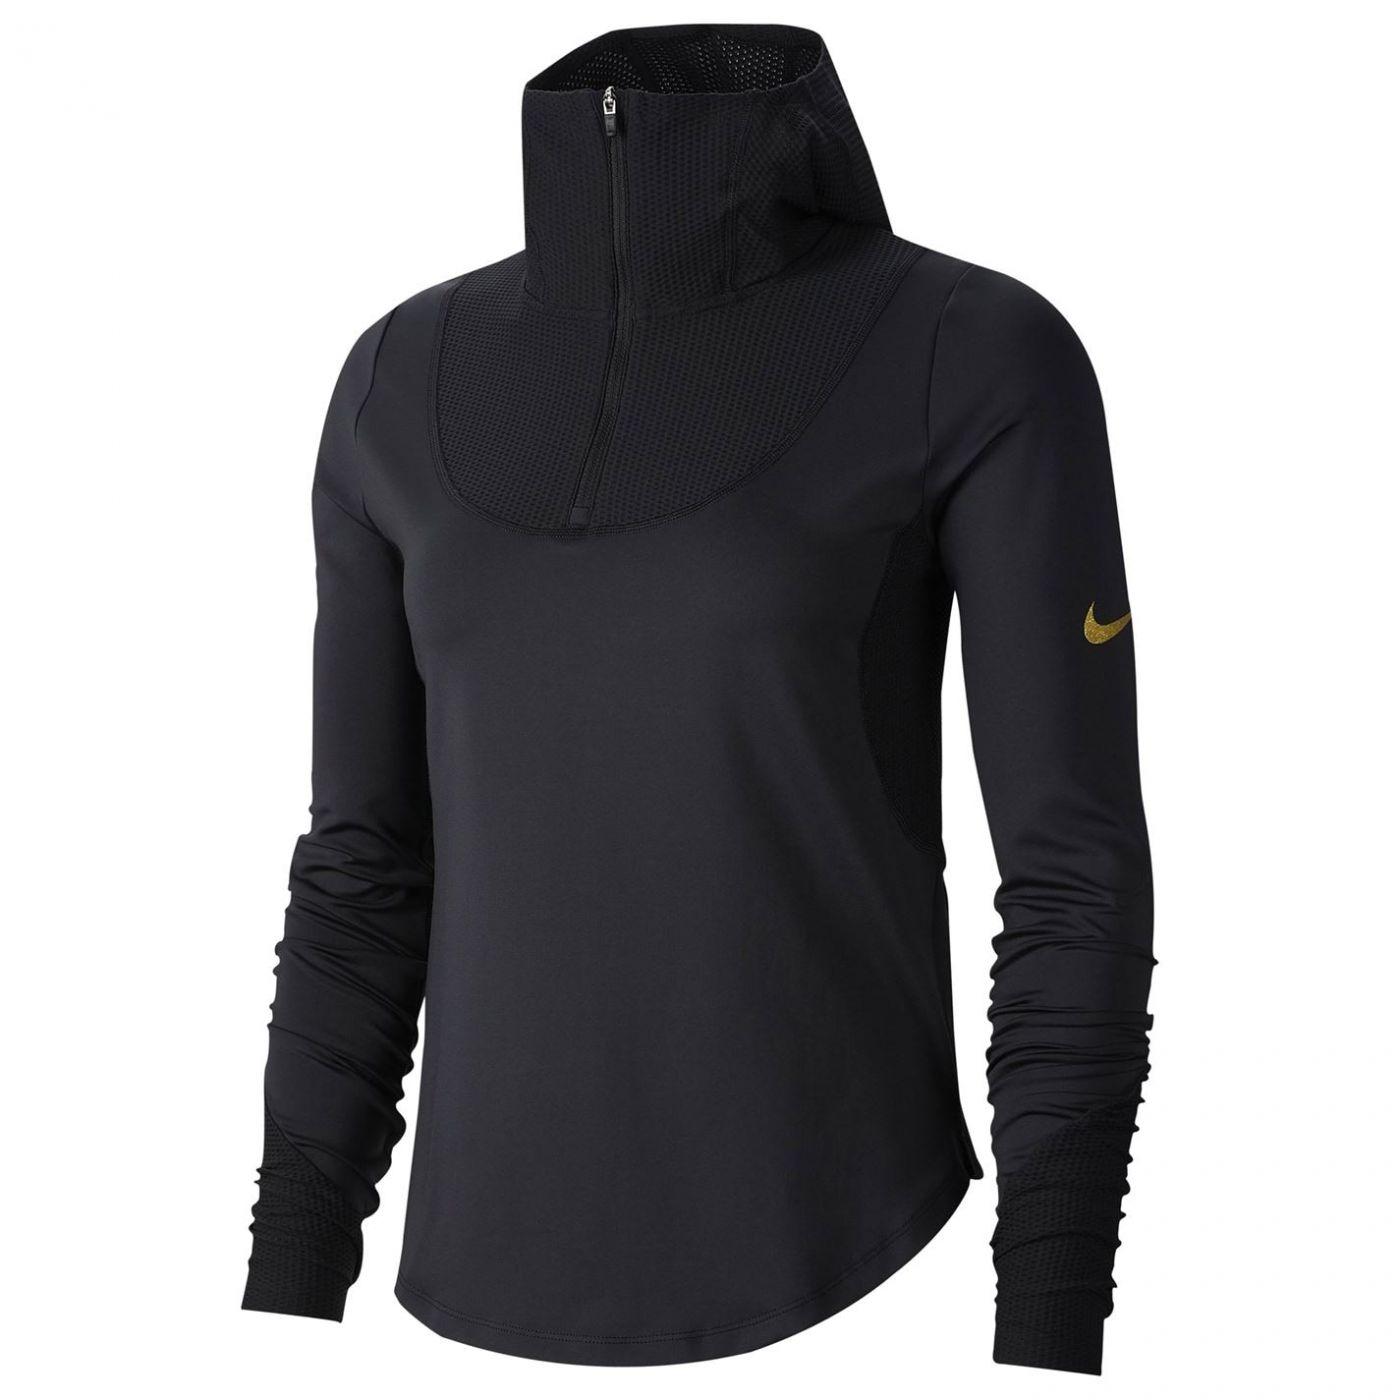 Nike Glam Long Sleeve Zip Top Ladies